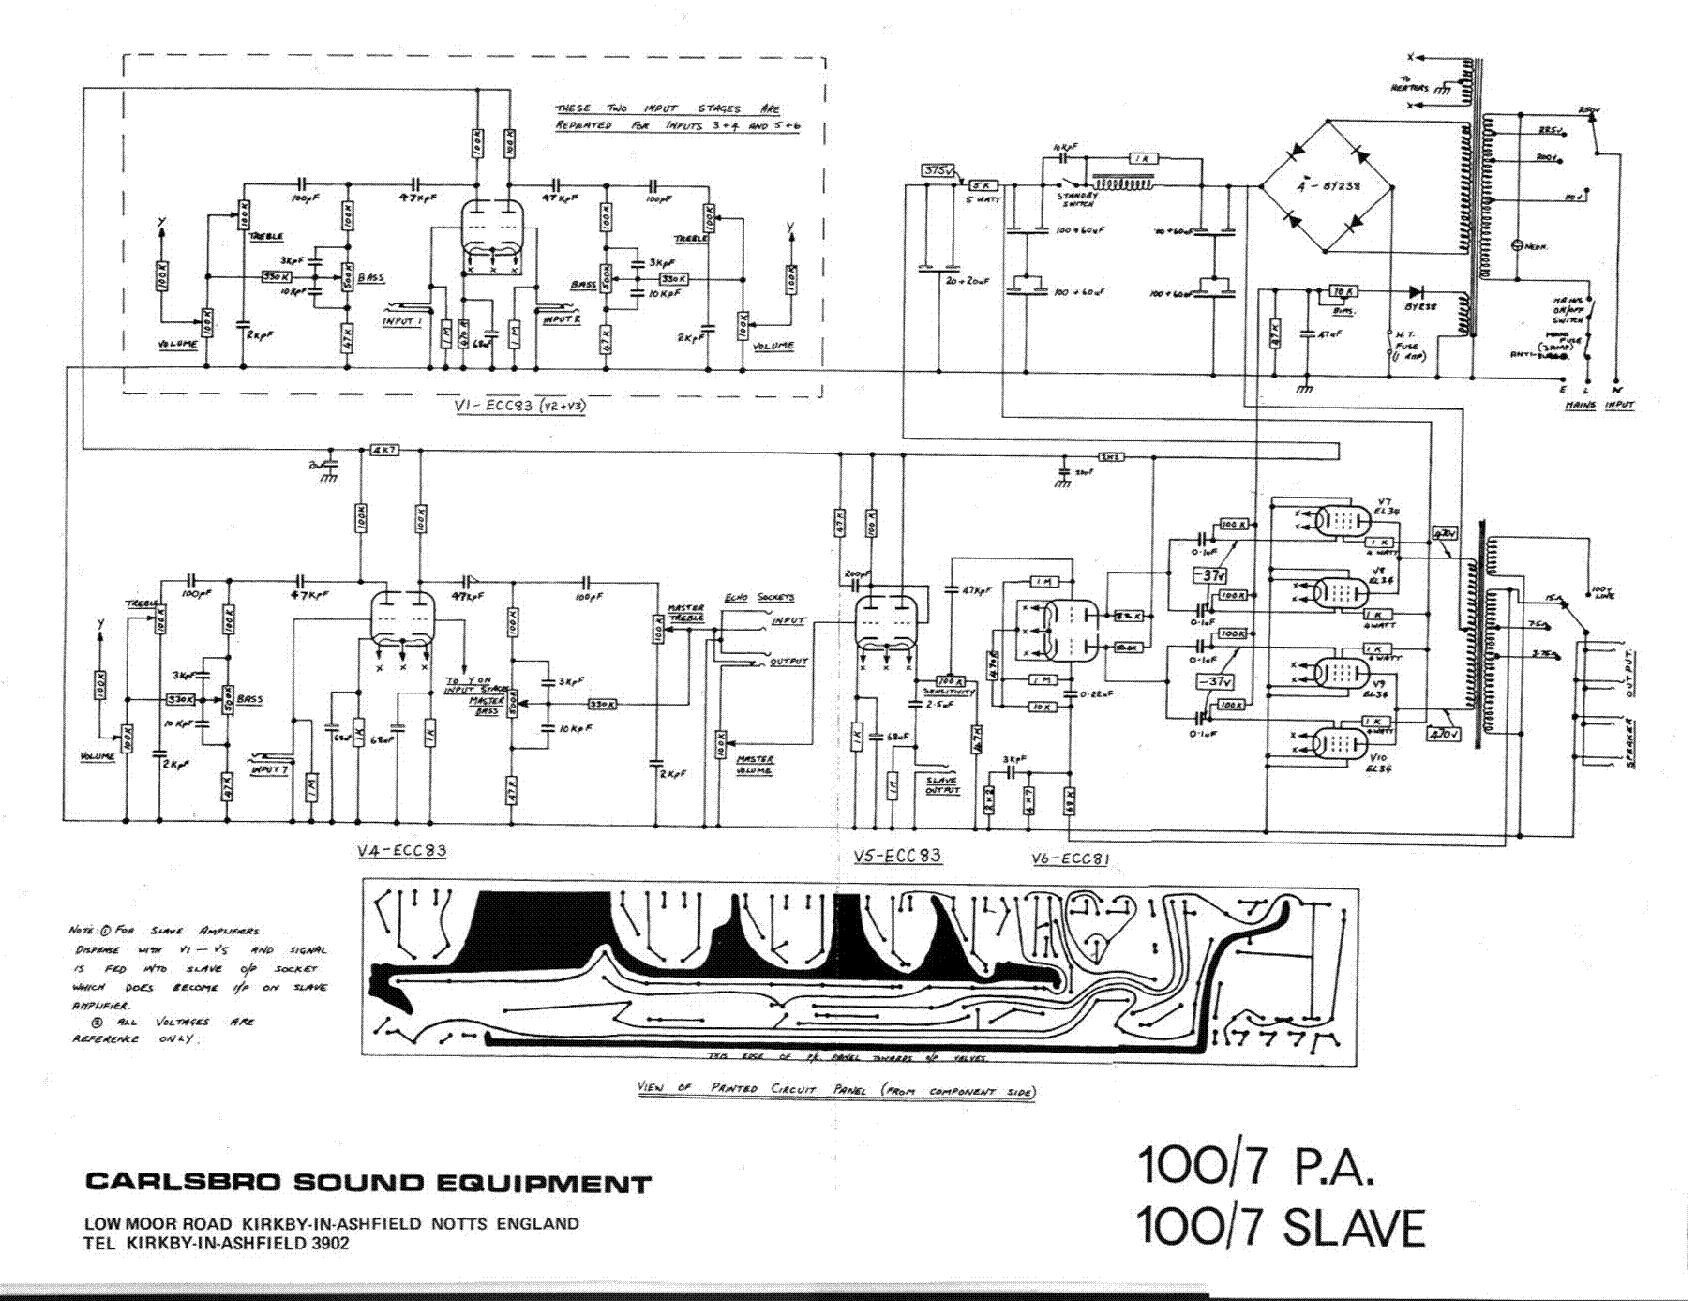 CARLSBRO 100-7 PA SLAVE SCH service manual (1st page)